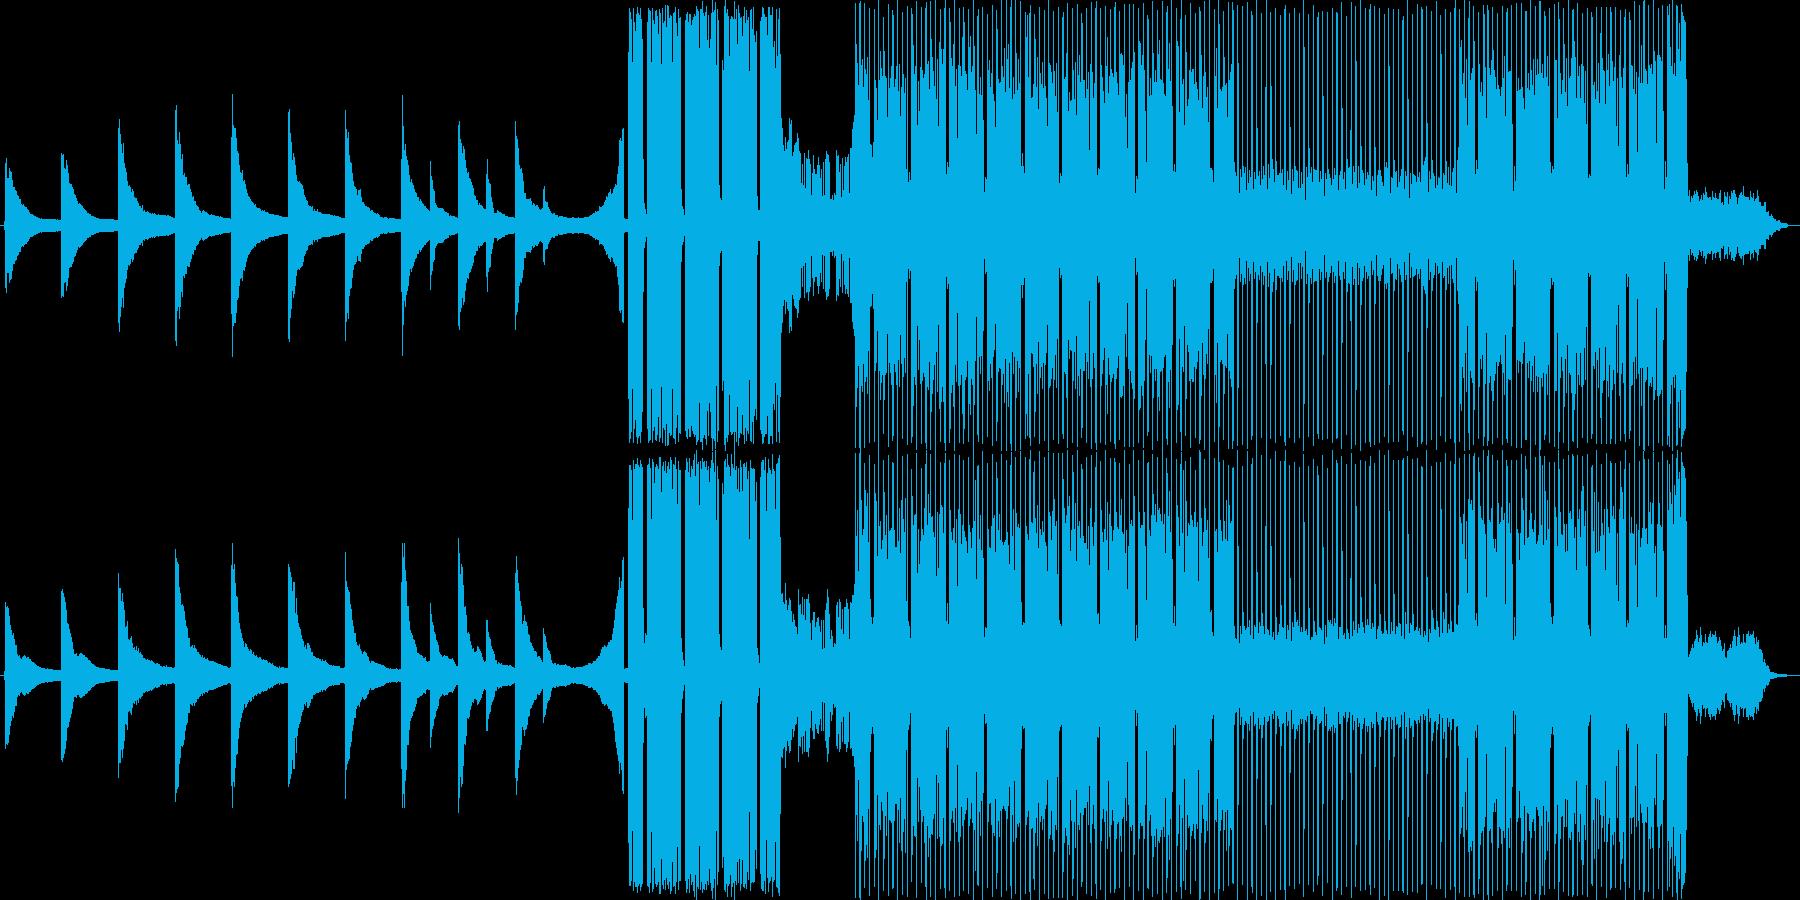 プロレス入場曲風アンビエントロックの再生済みの波形